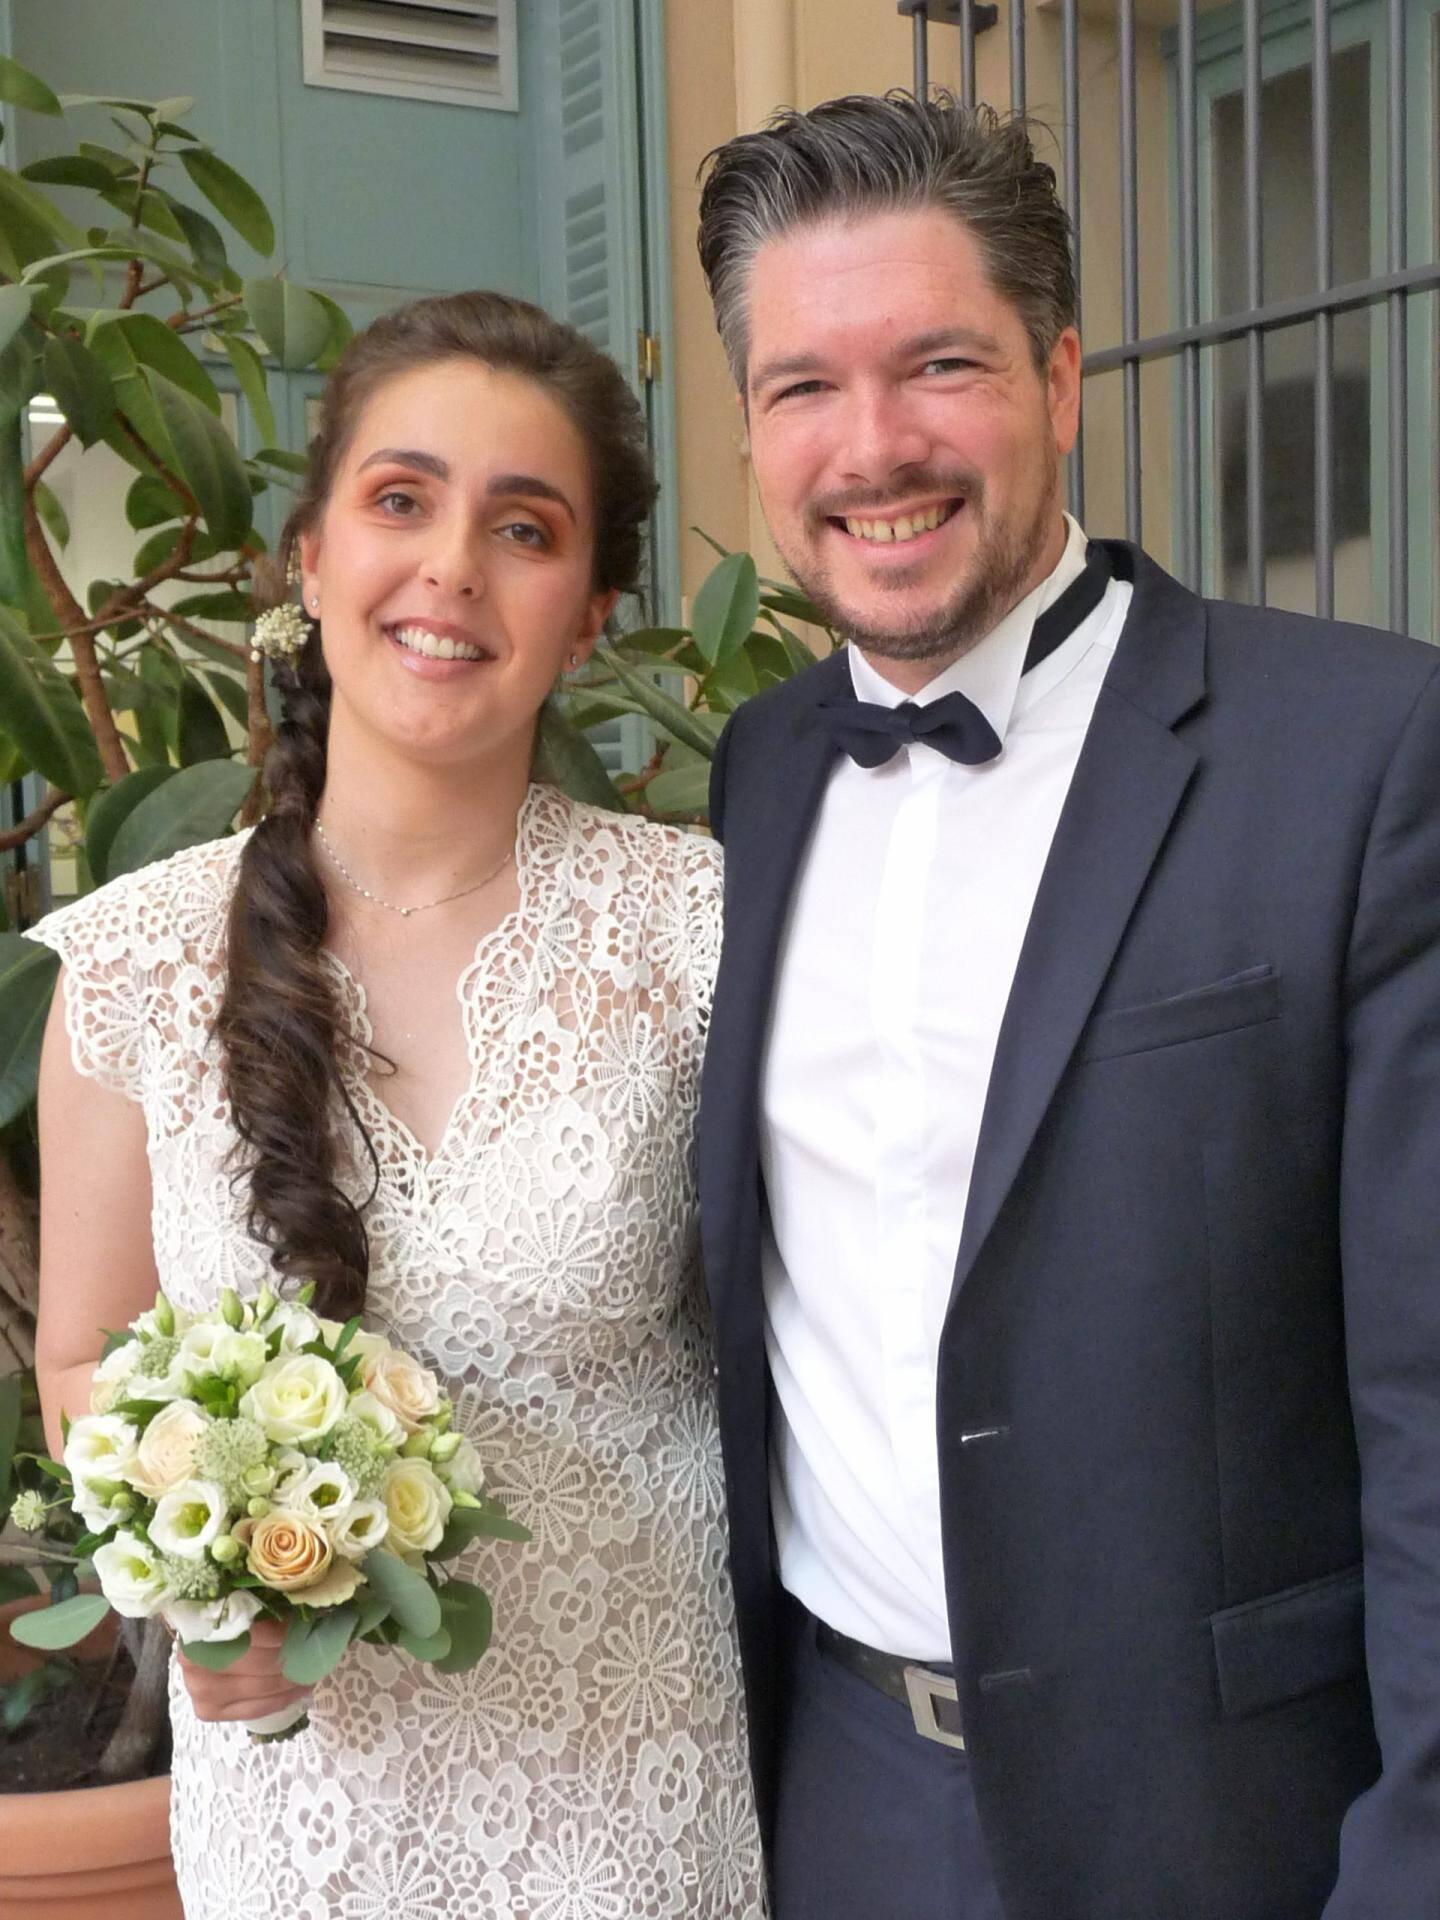 Audrey Benayoune, chercheuse, et Pierre-Stéphane Dérégel, employé de banque.